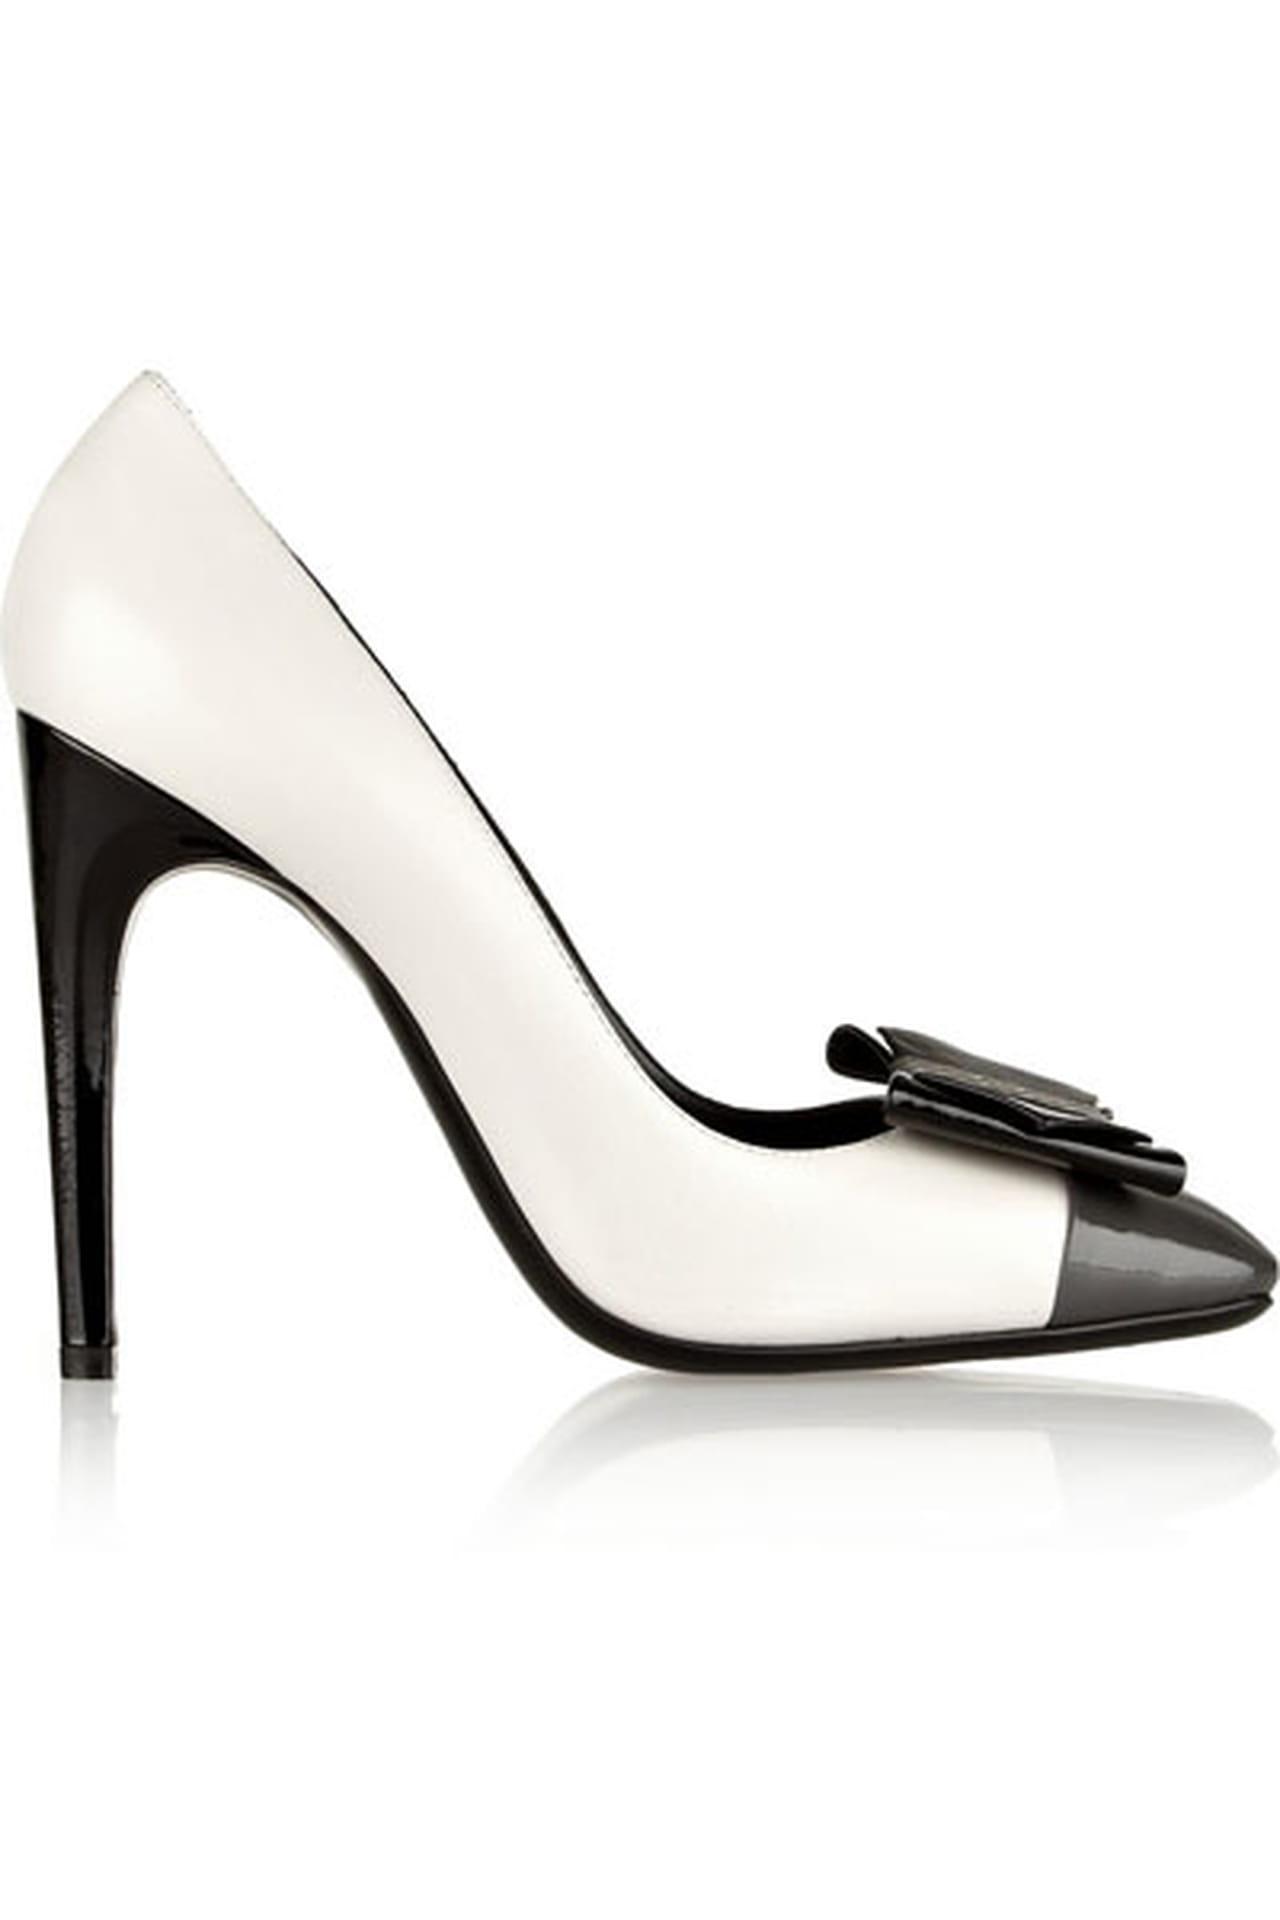 34b9a377e حذاء أنيق باللون الأبيض والأسود ومزين بفيونكة سوداء من بوتيغا فينيتا  Bottega Veneta.